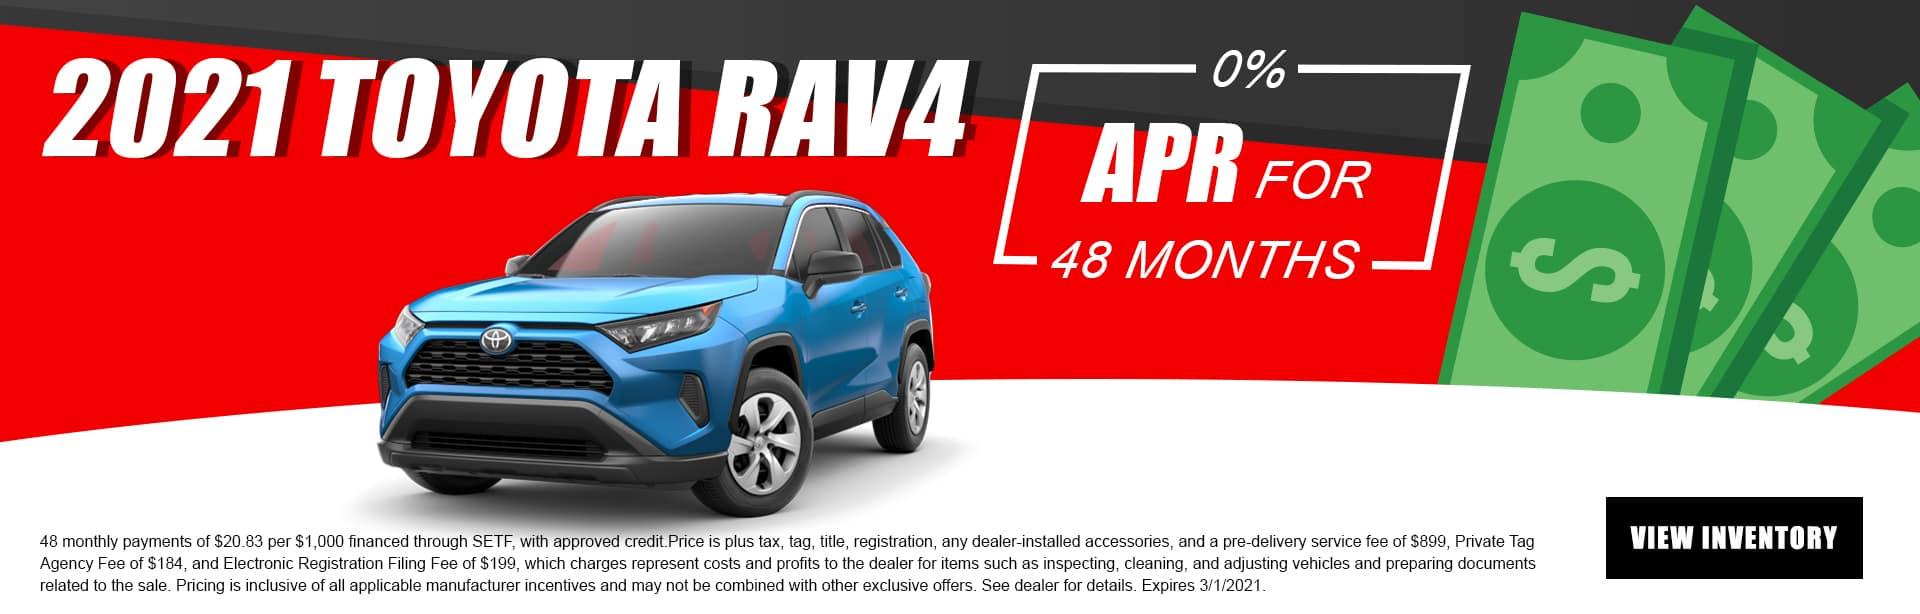 2021 Toyota RAV4   0% APR For 48 Months